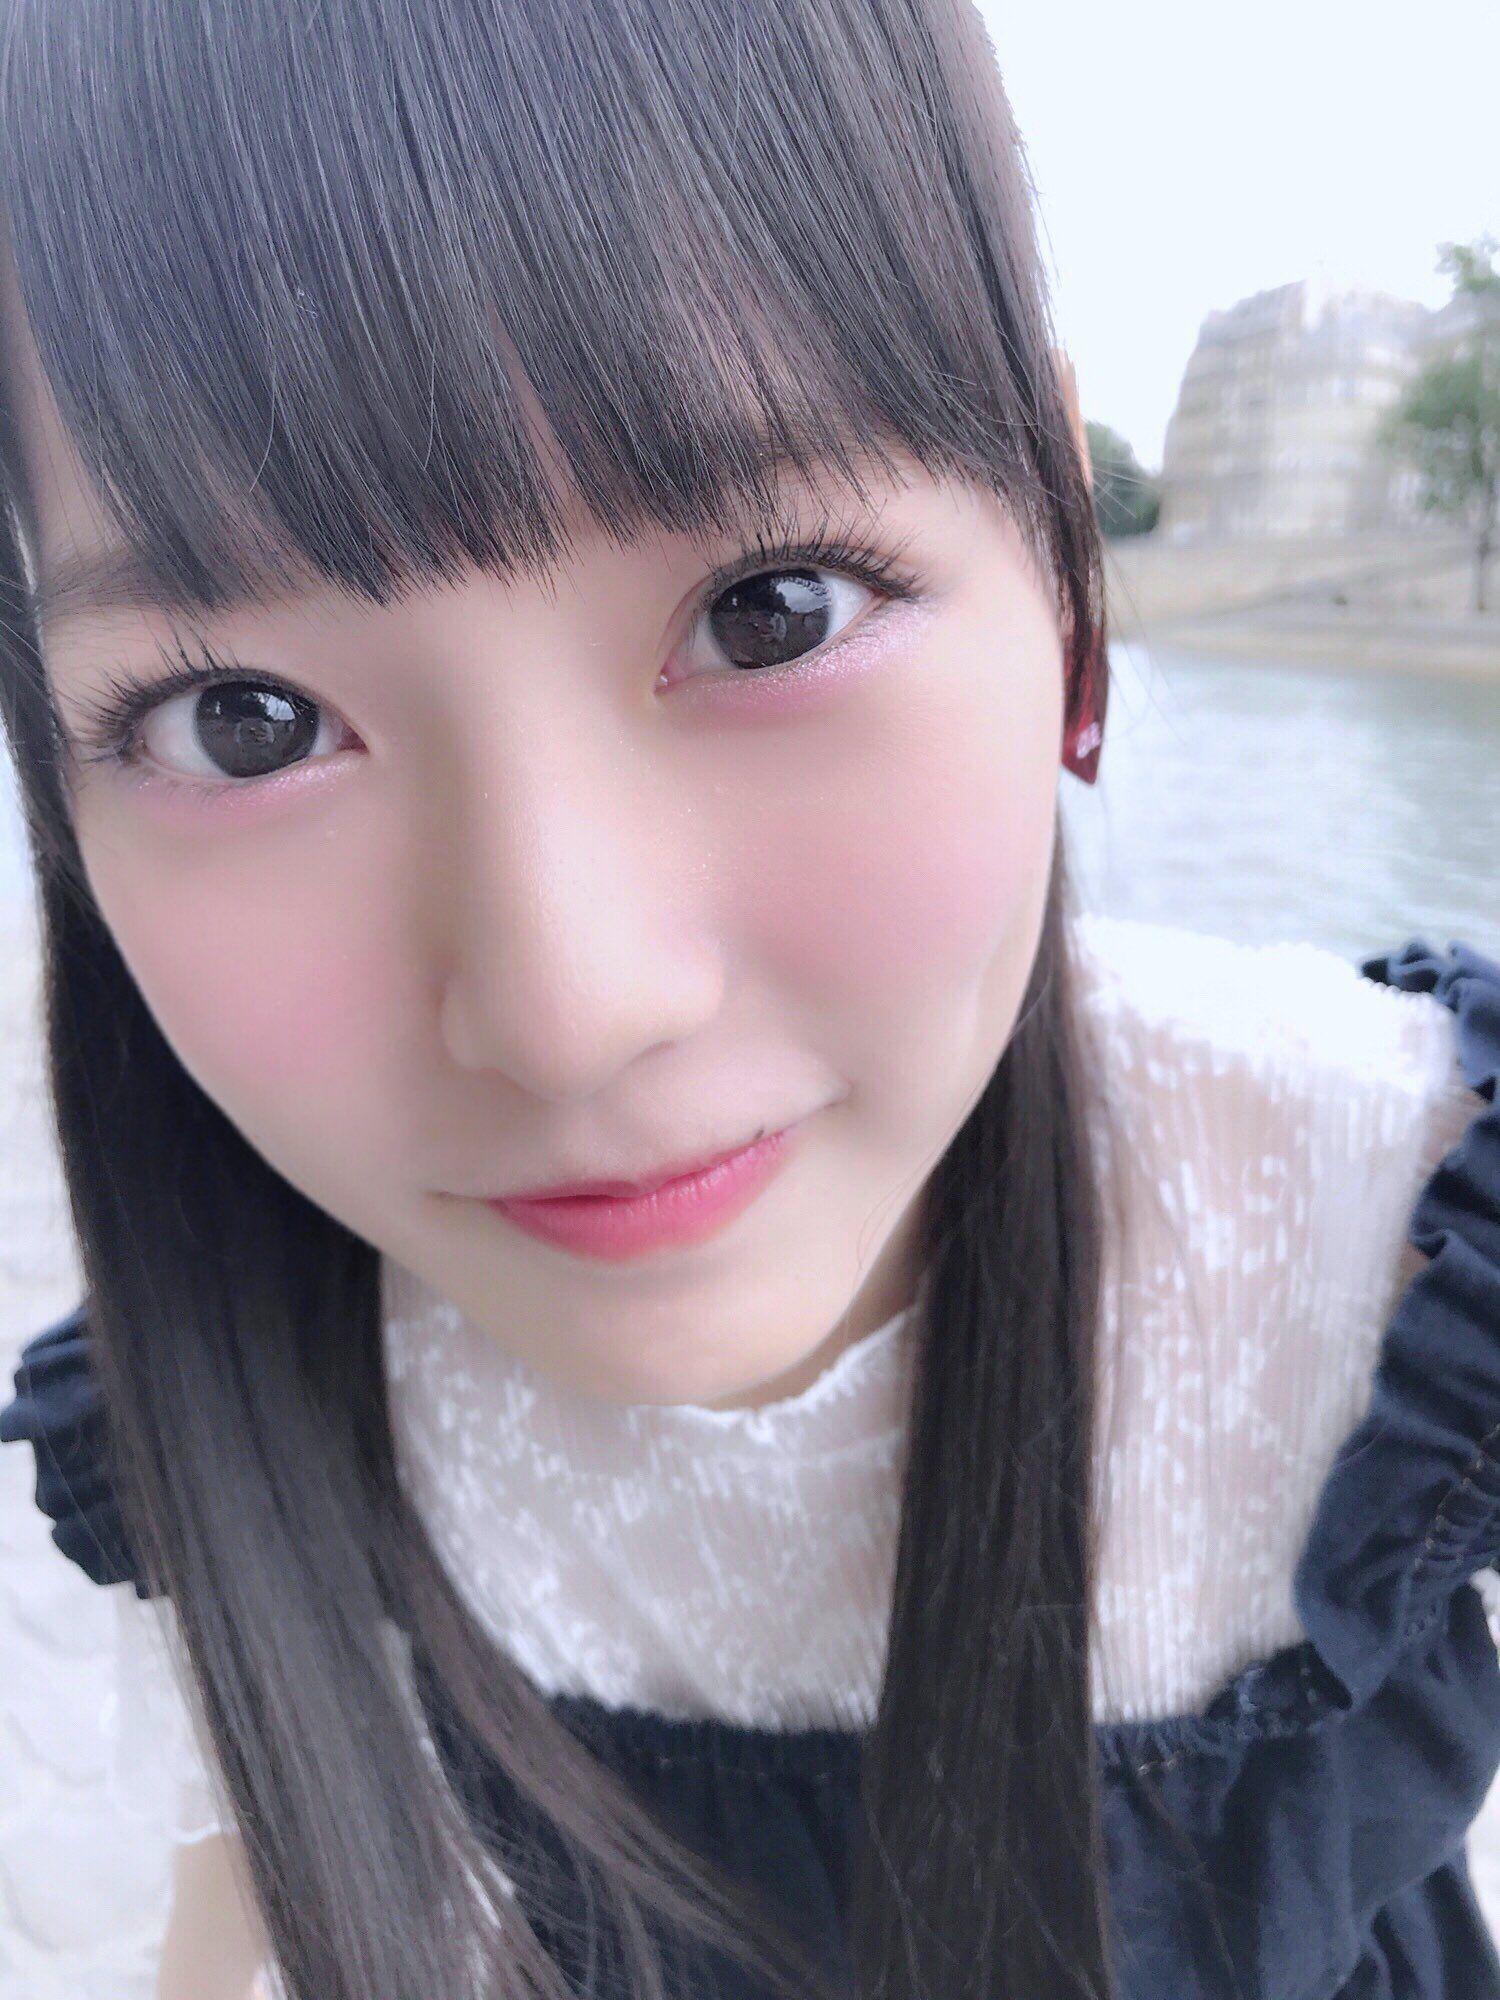 Sniñas 18 Adolescente Asiática adolescente